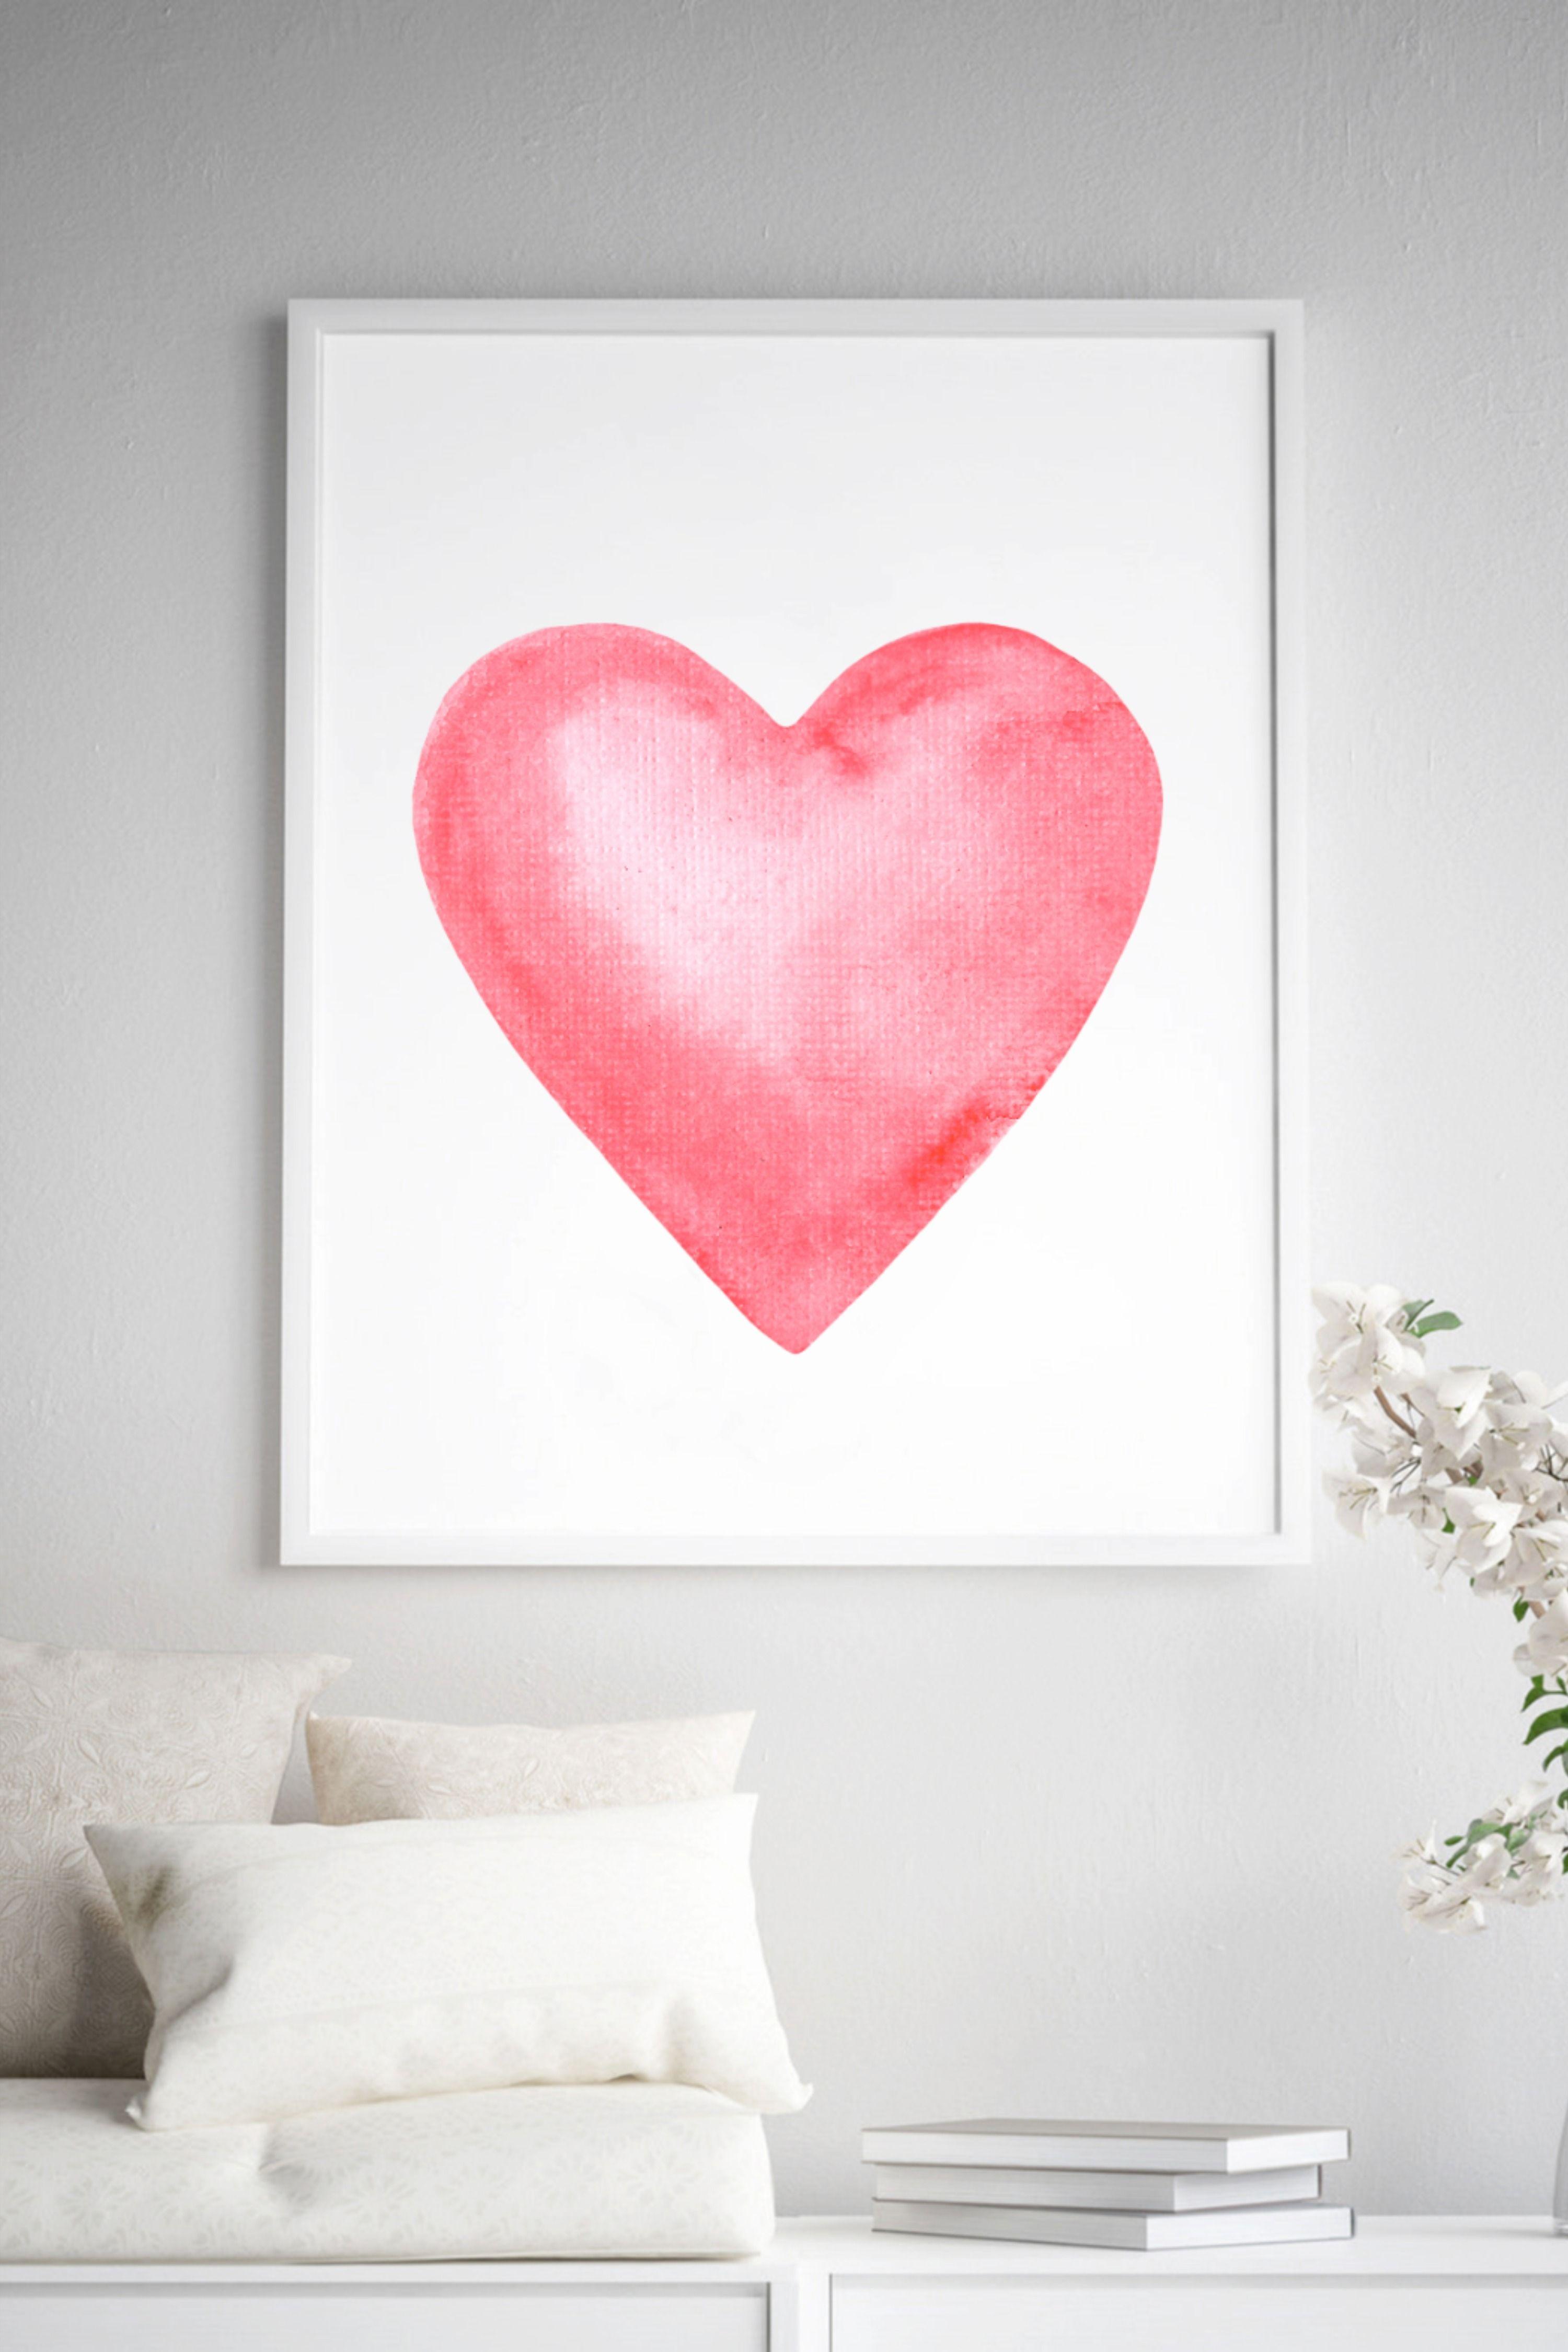 #pinkheart #printableart #valentinesgift #lovedecor #homedecor